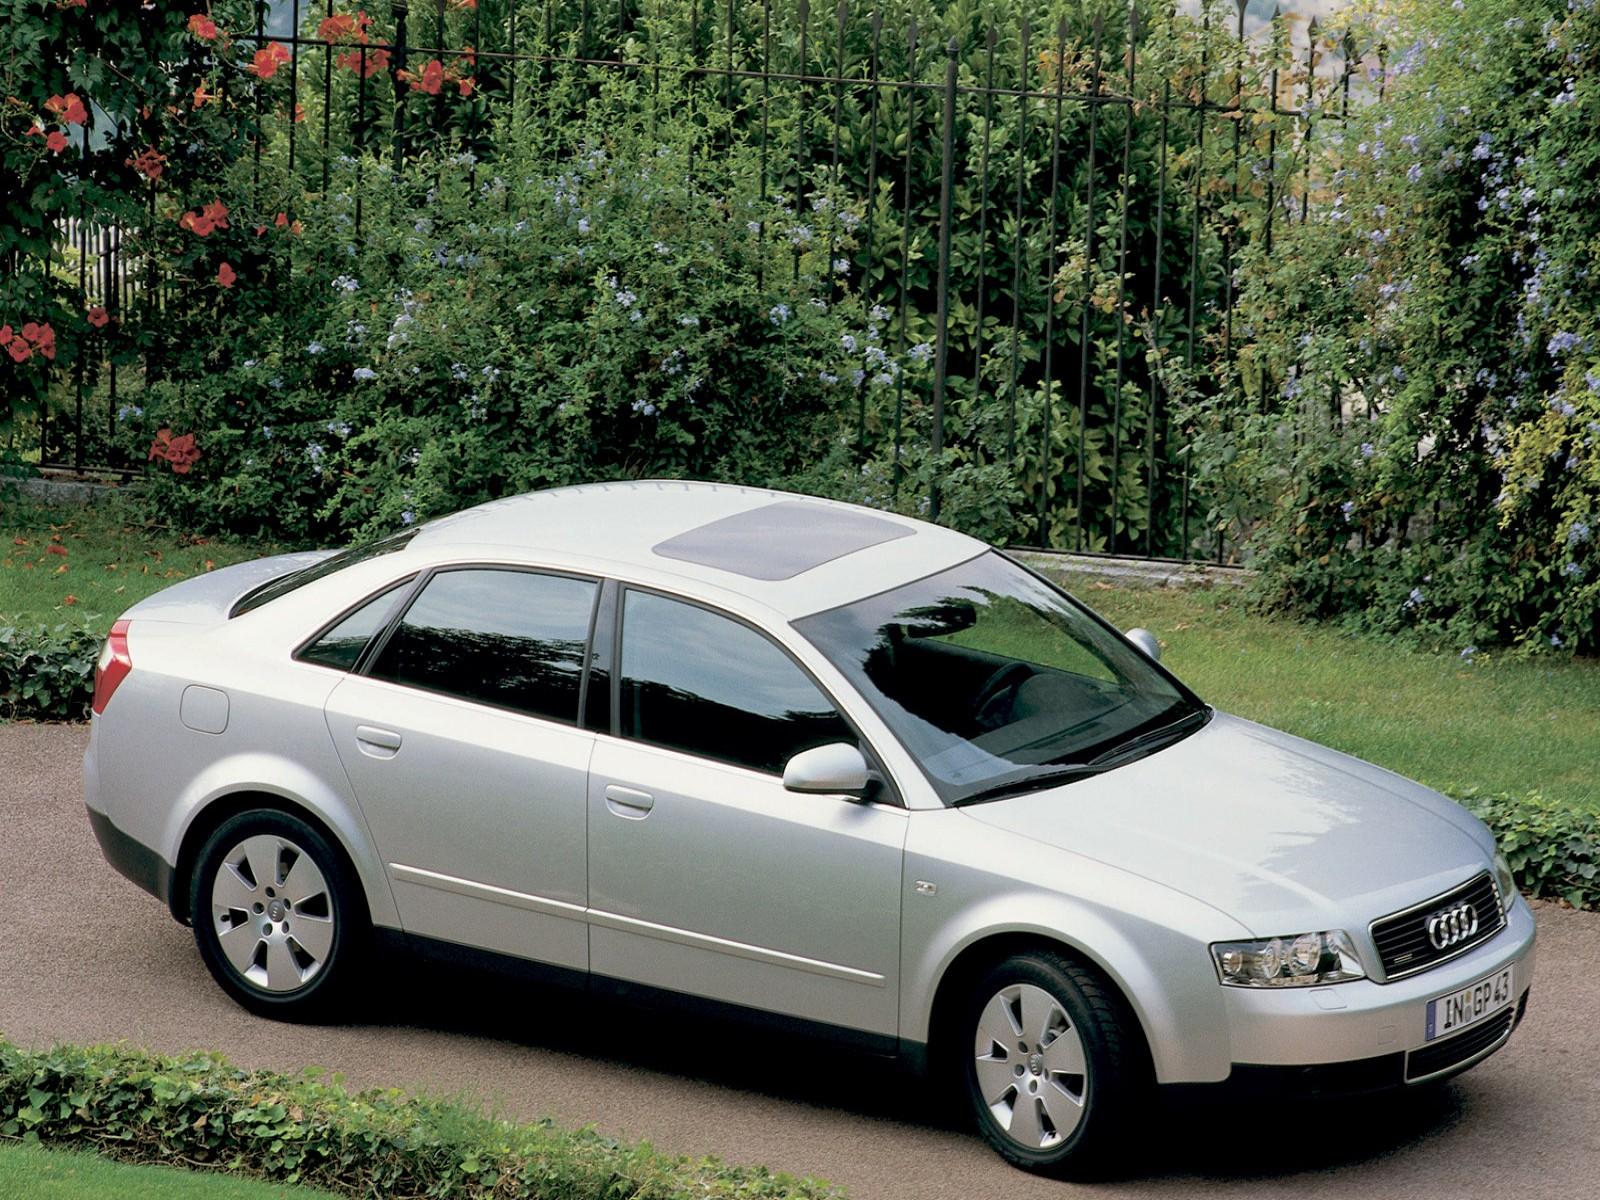 http://2.bp.blogspot.com/-mKyVgdQT2Po/Tdg8R6oUfeI/AAAAAAAAAgU/9EDpym-vrkY/s1600/2001+Audi+A4.jpg